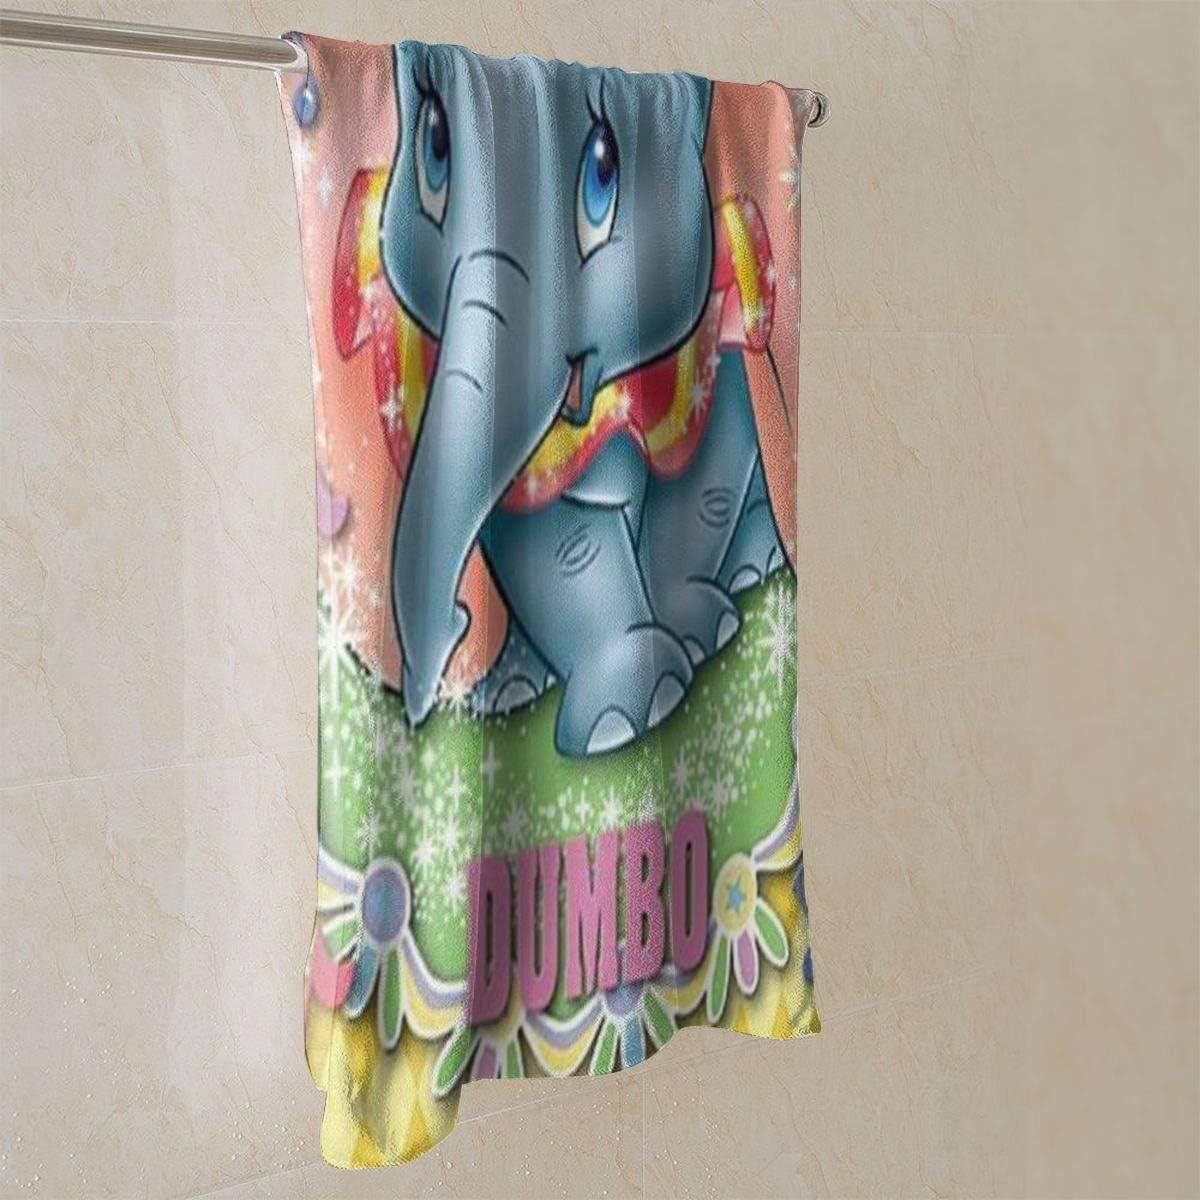 QHMY Asciugamani Beauty Dumbo Asciugamano Morbido e Assorbente Ideale per luso Quotidiano 27,5 X 17,5